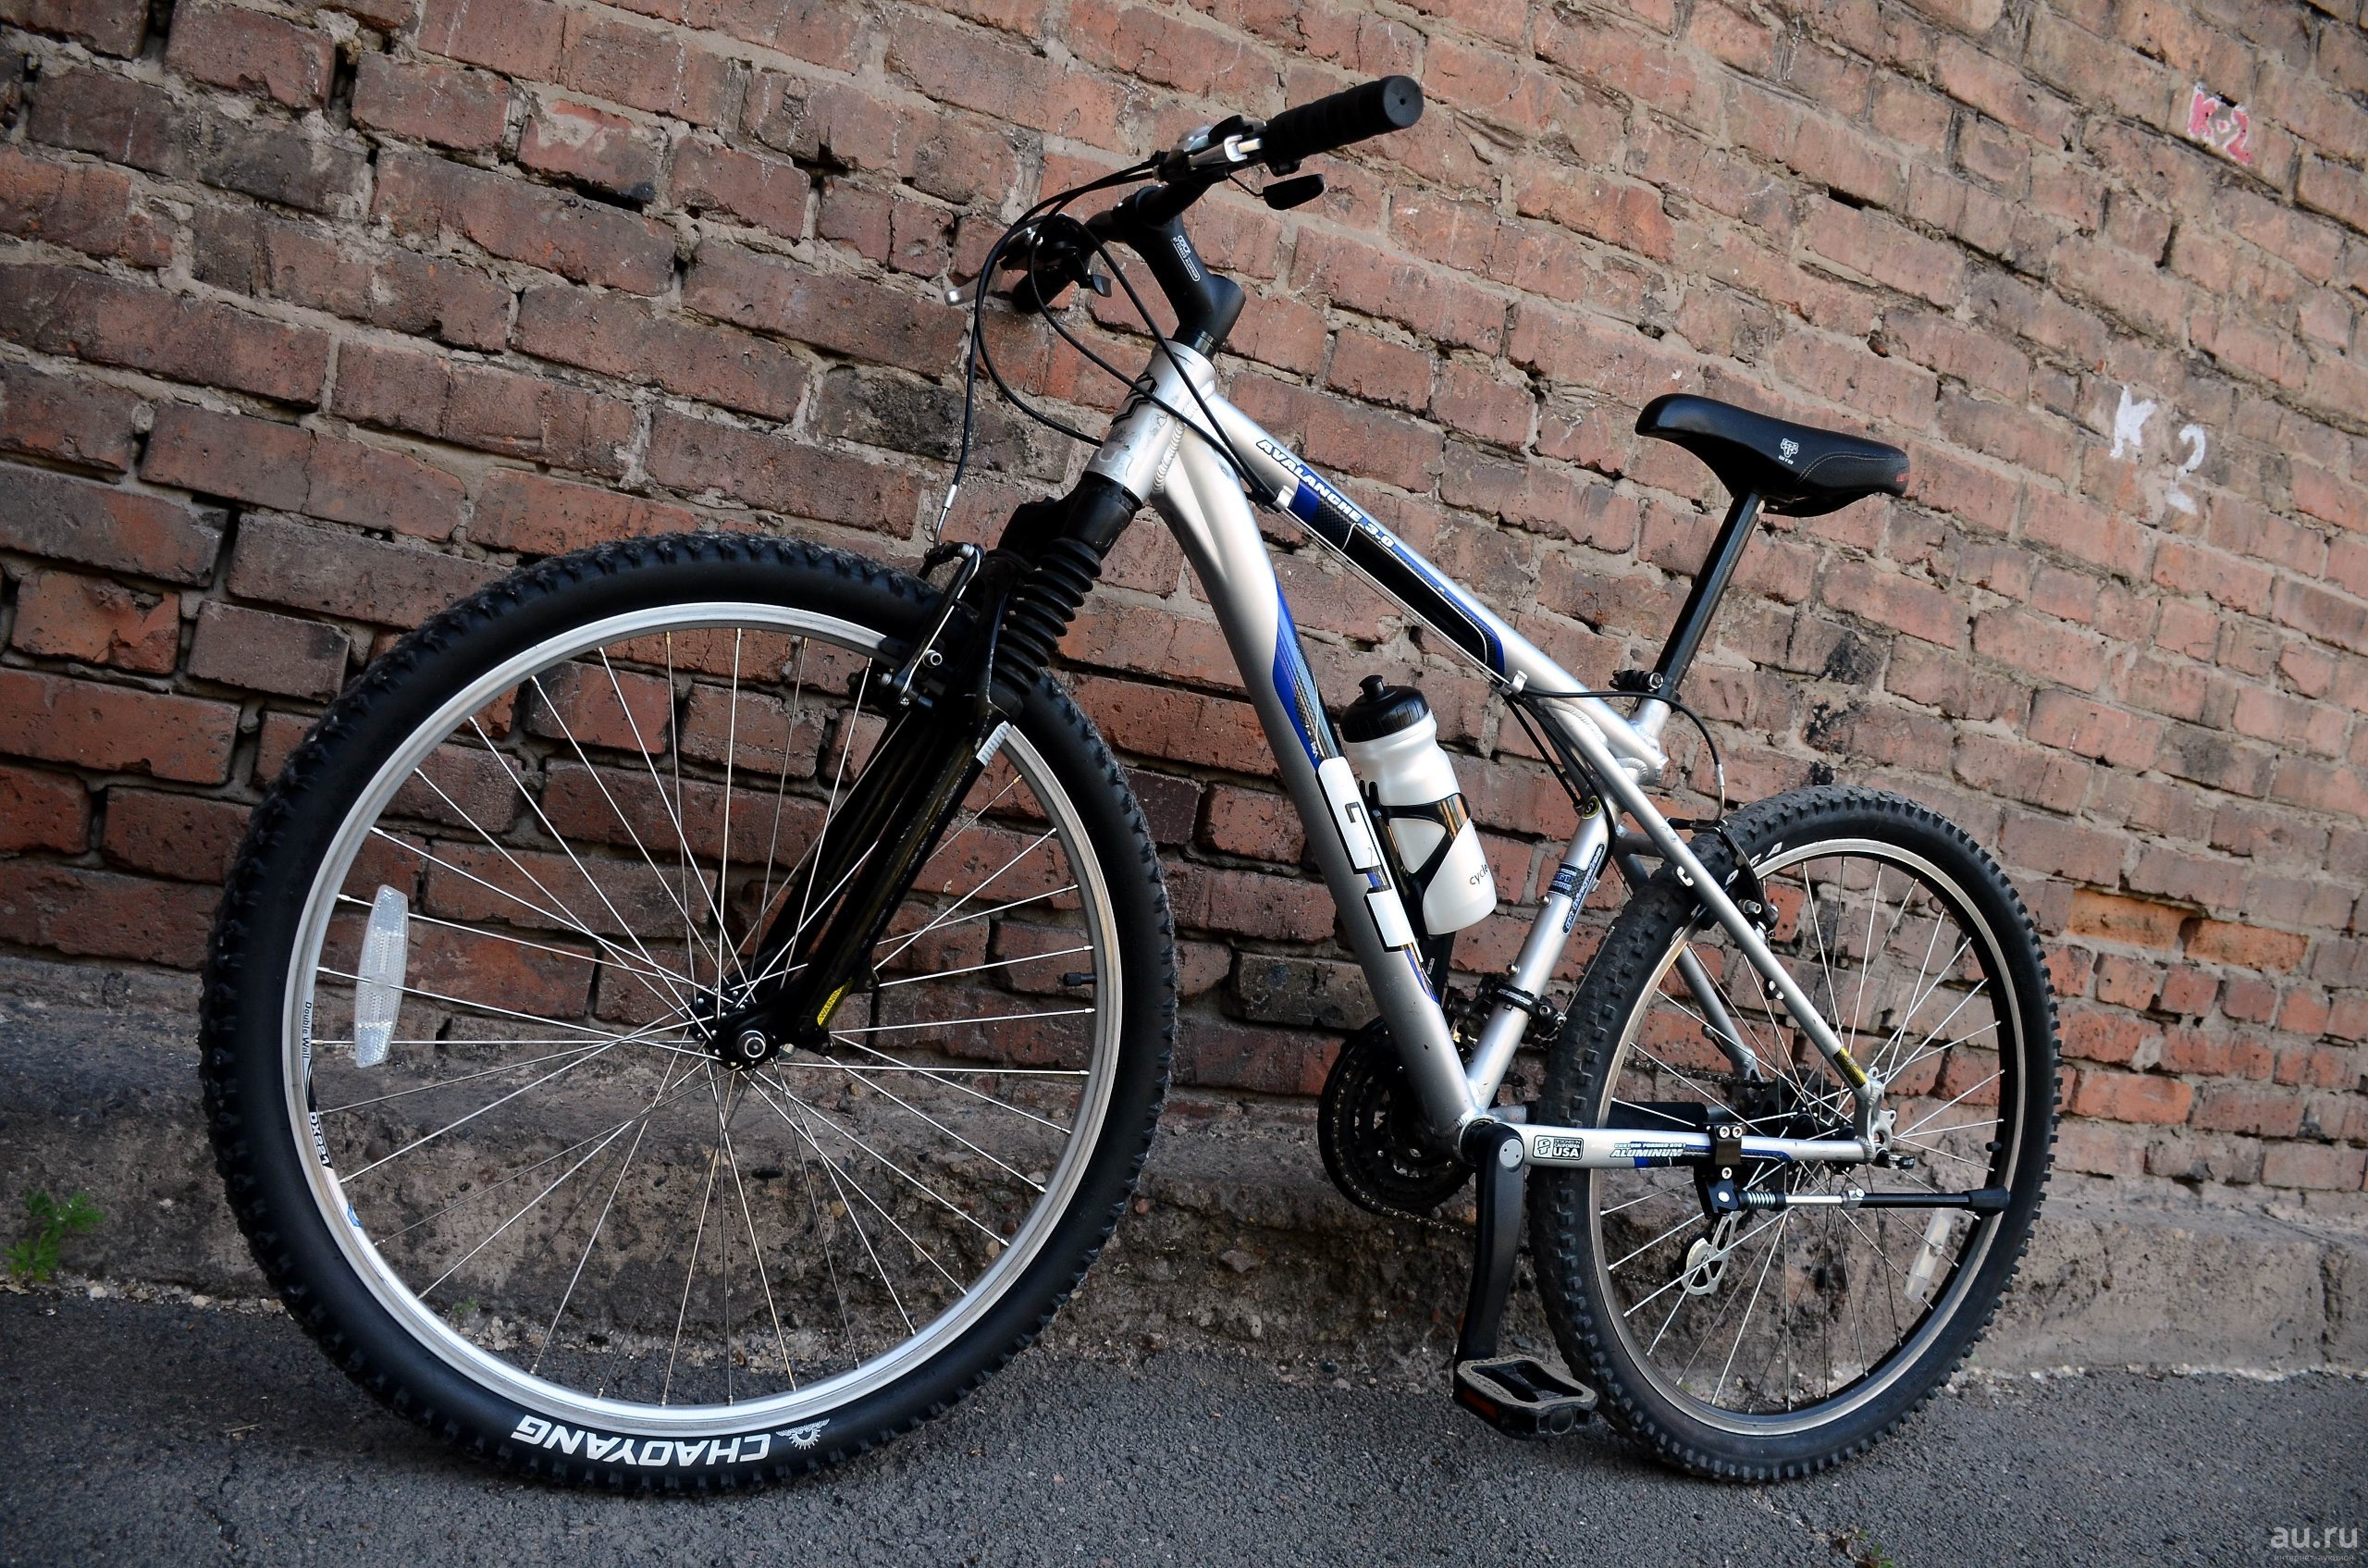 Какой фирмы выбрать горный велосипед. имеет ли марка значение   сайт котовского